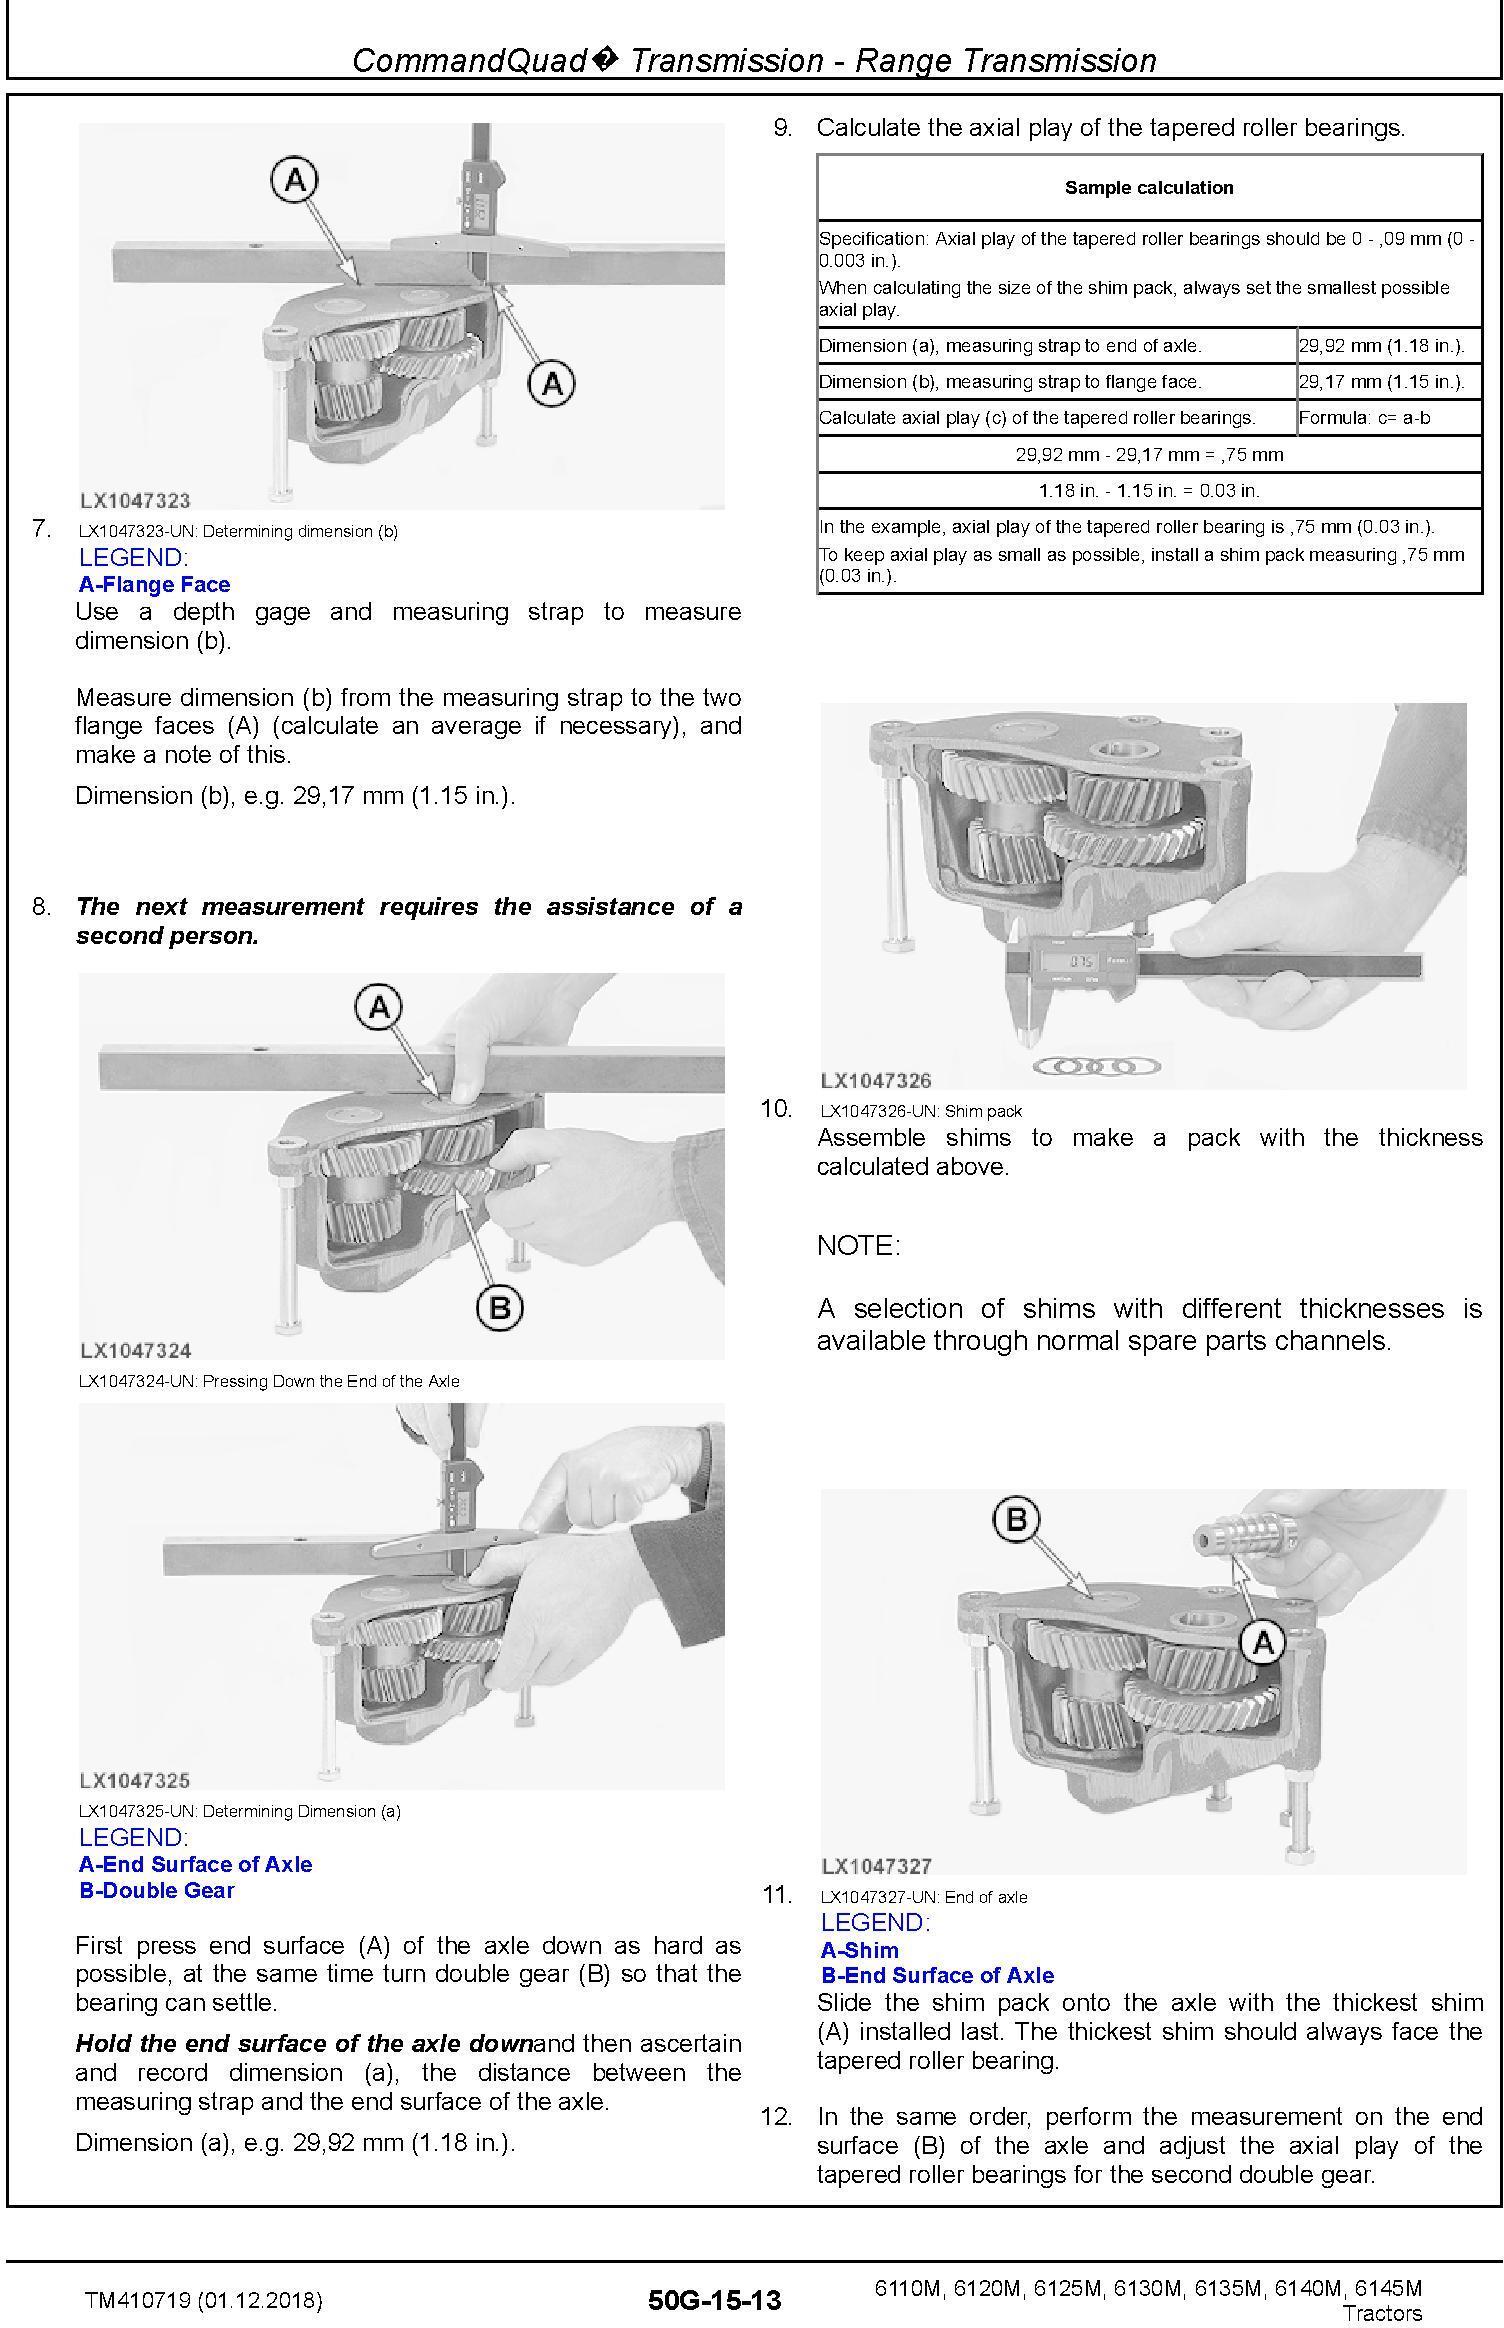 John Deere 6110M,6120M, 6125M, 6130M, 6135M, 6140M, 6145M Tractor Repair Technical Manual (TM410719) - 2